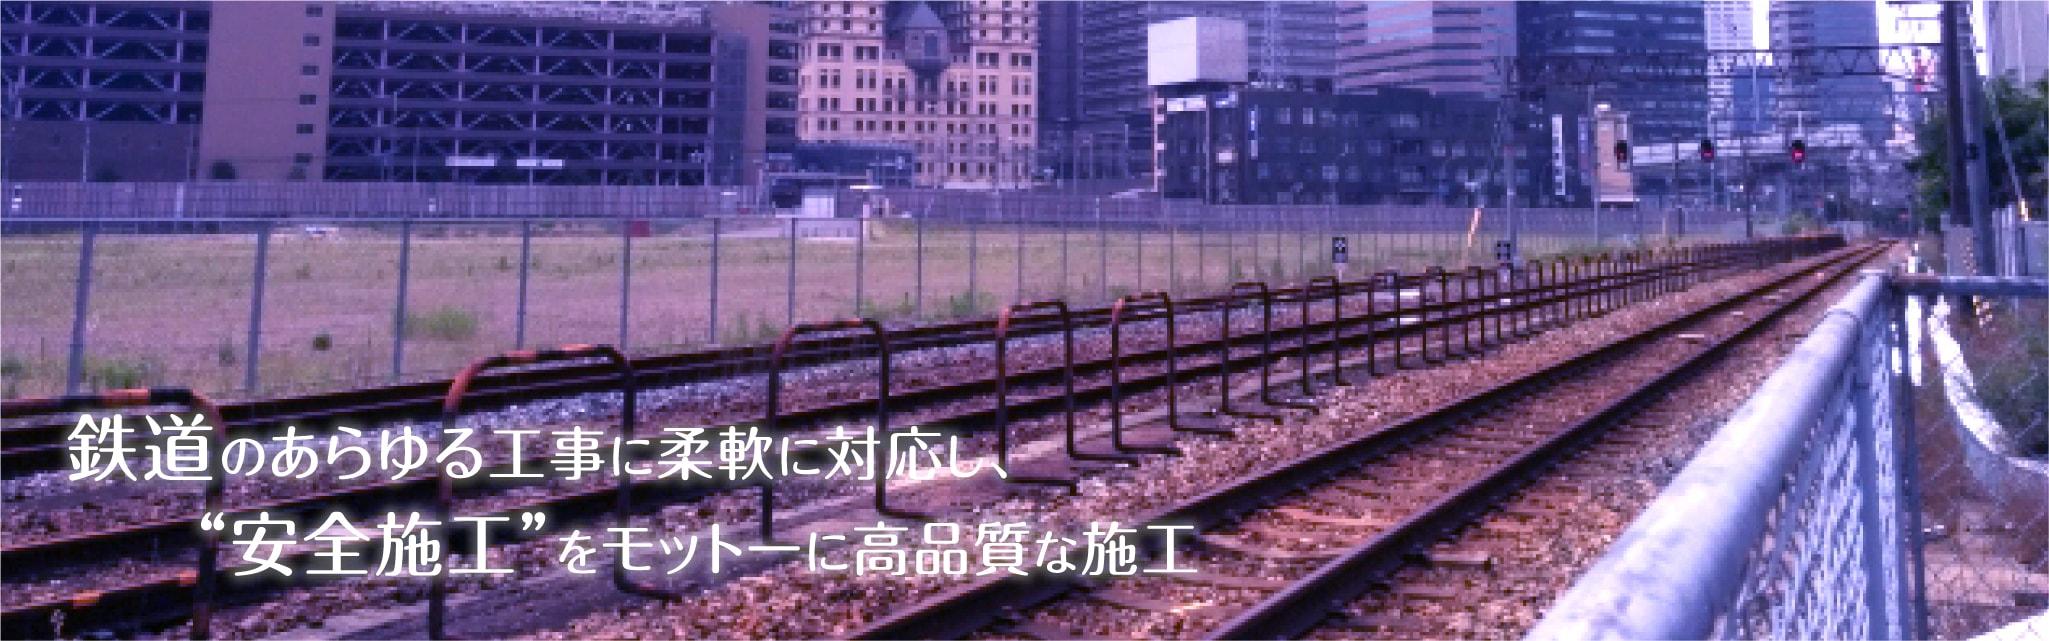 """鉄道のあらゆる工事に柔軟に対応し、""""安全施工""""をモットーに高品質な施工"""